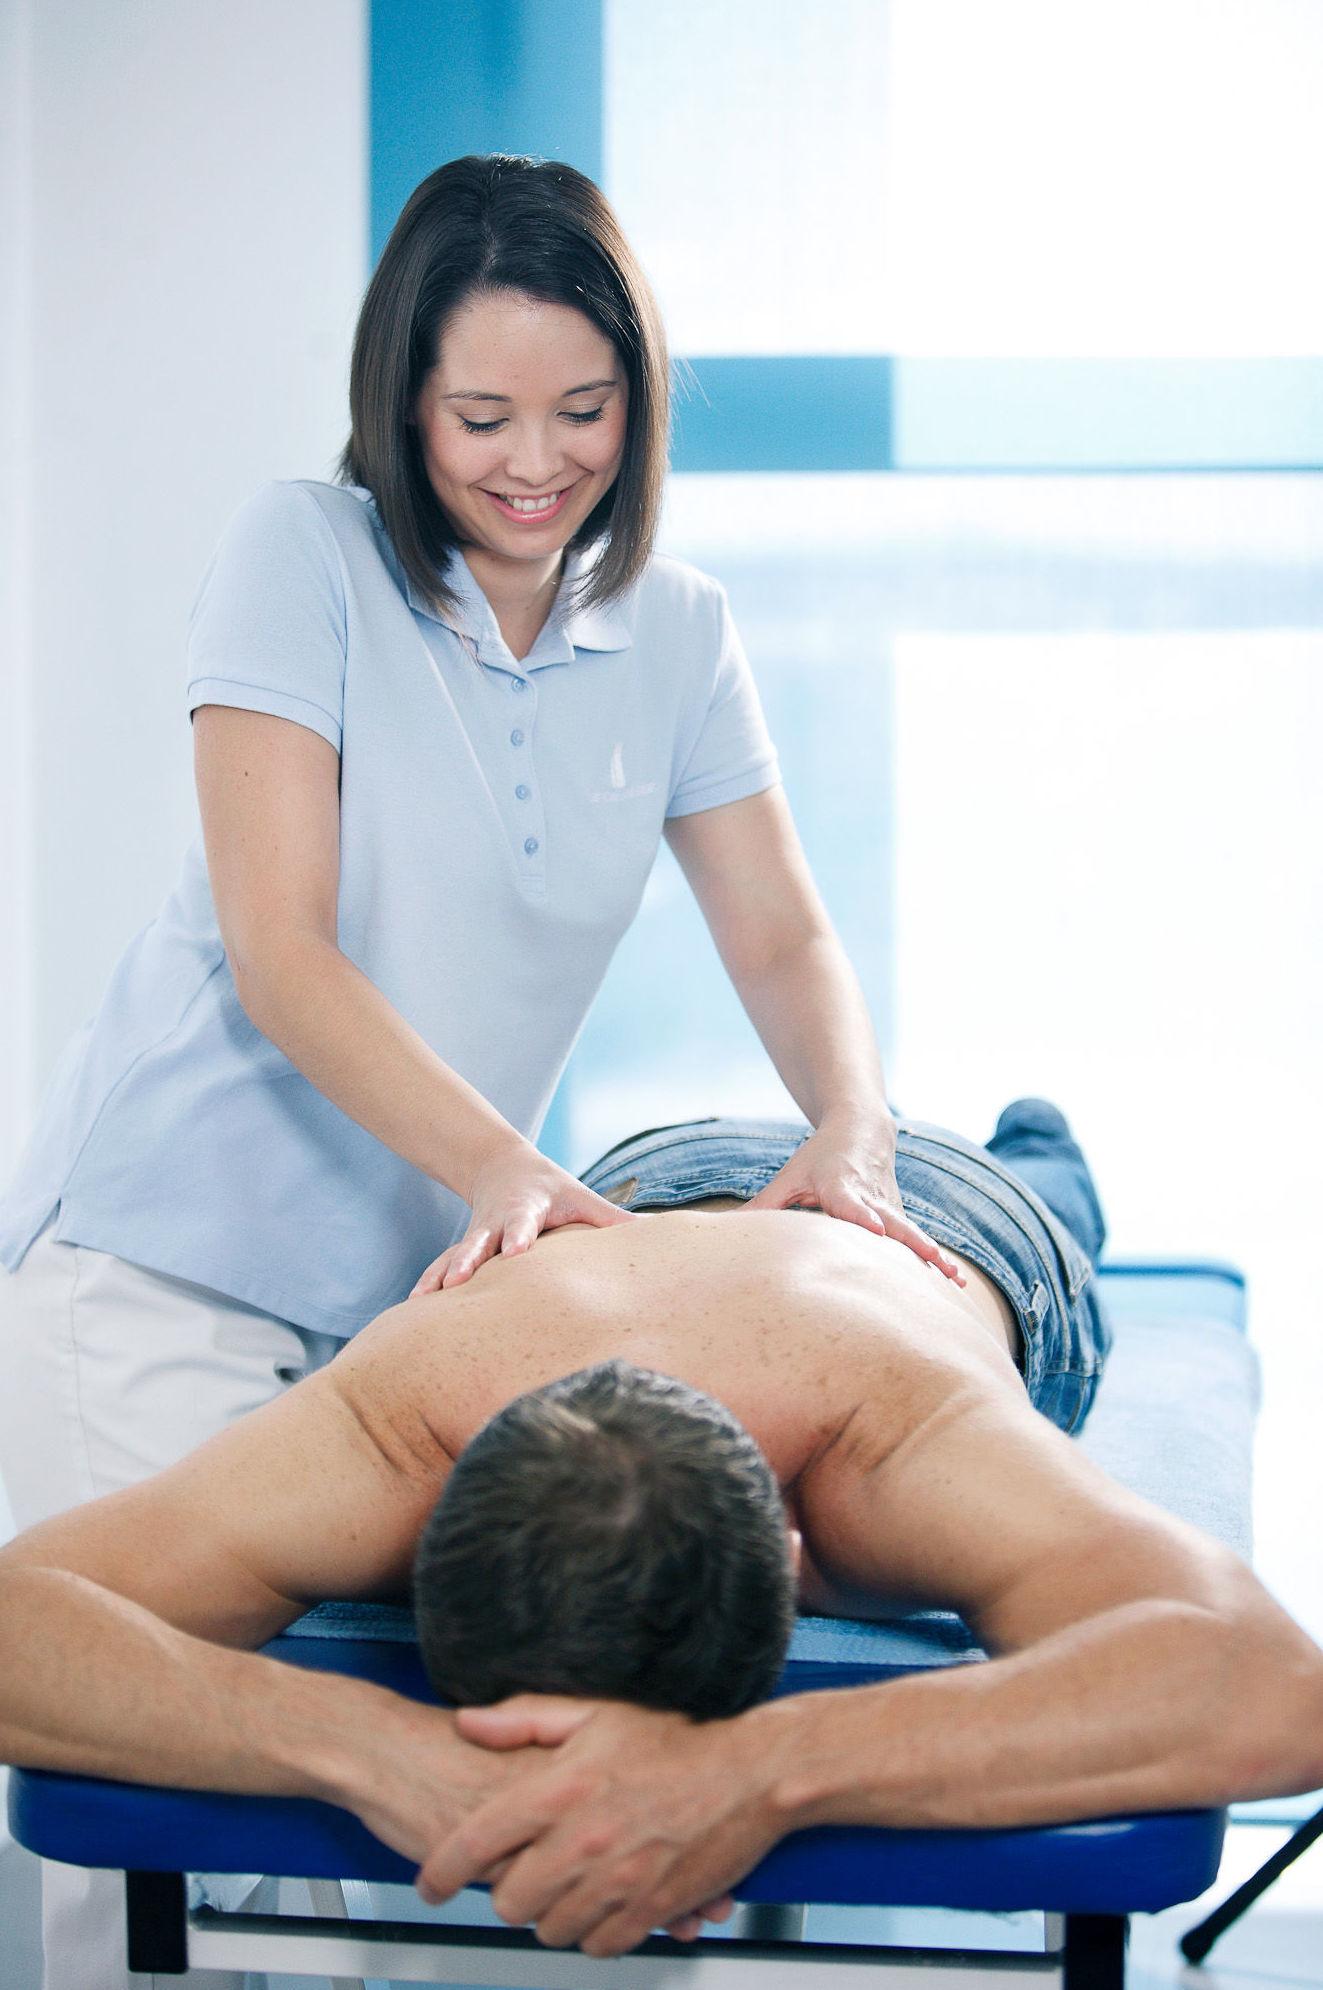 Fisioterapia avanzada